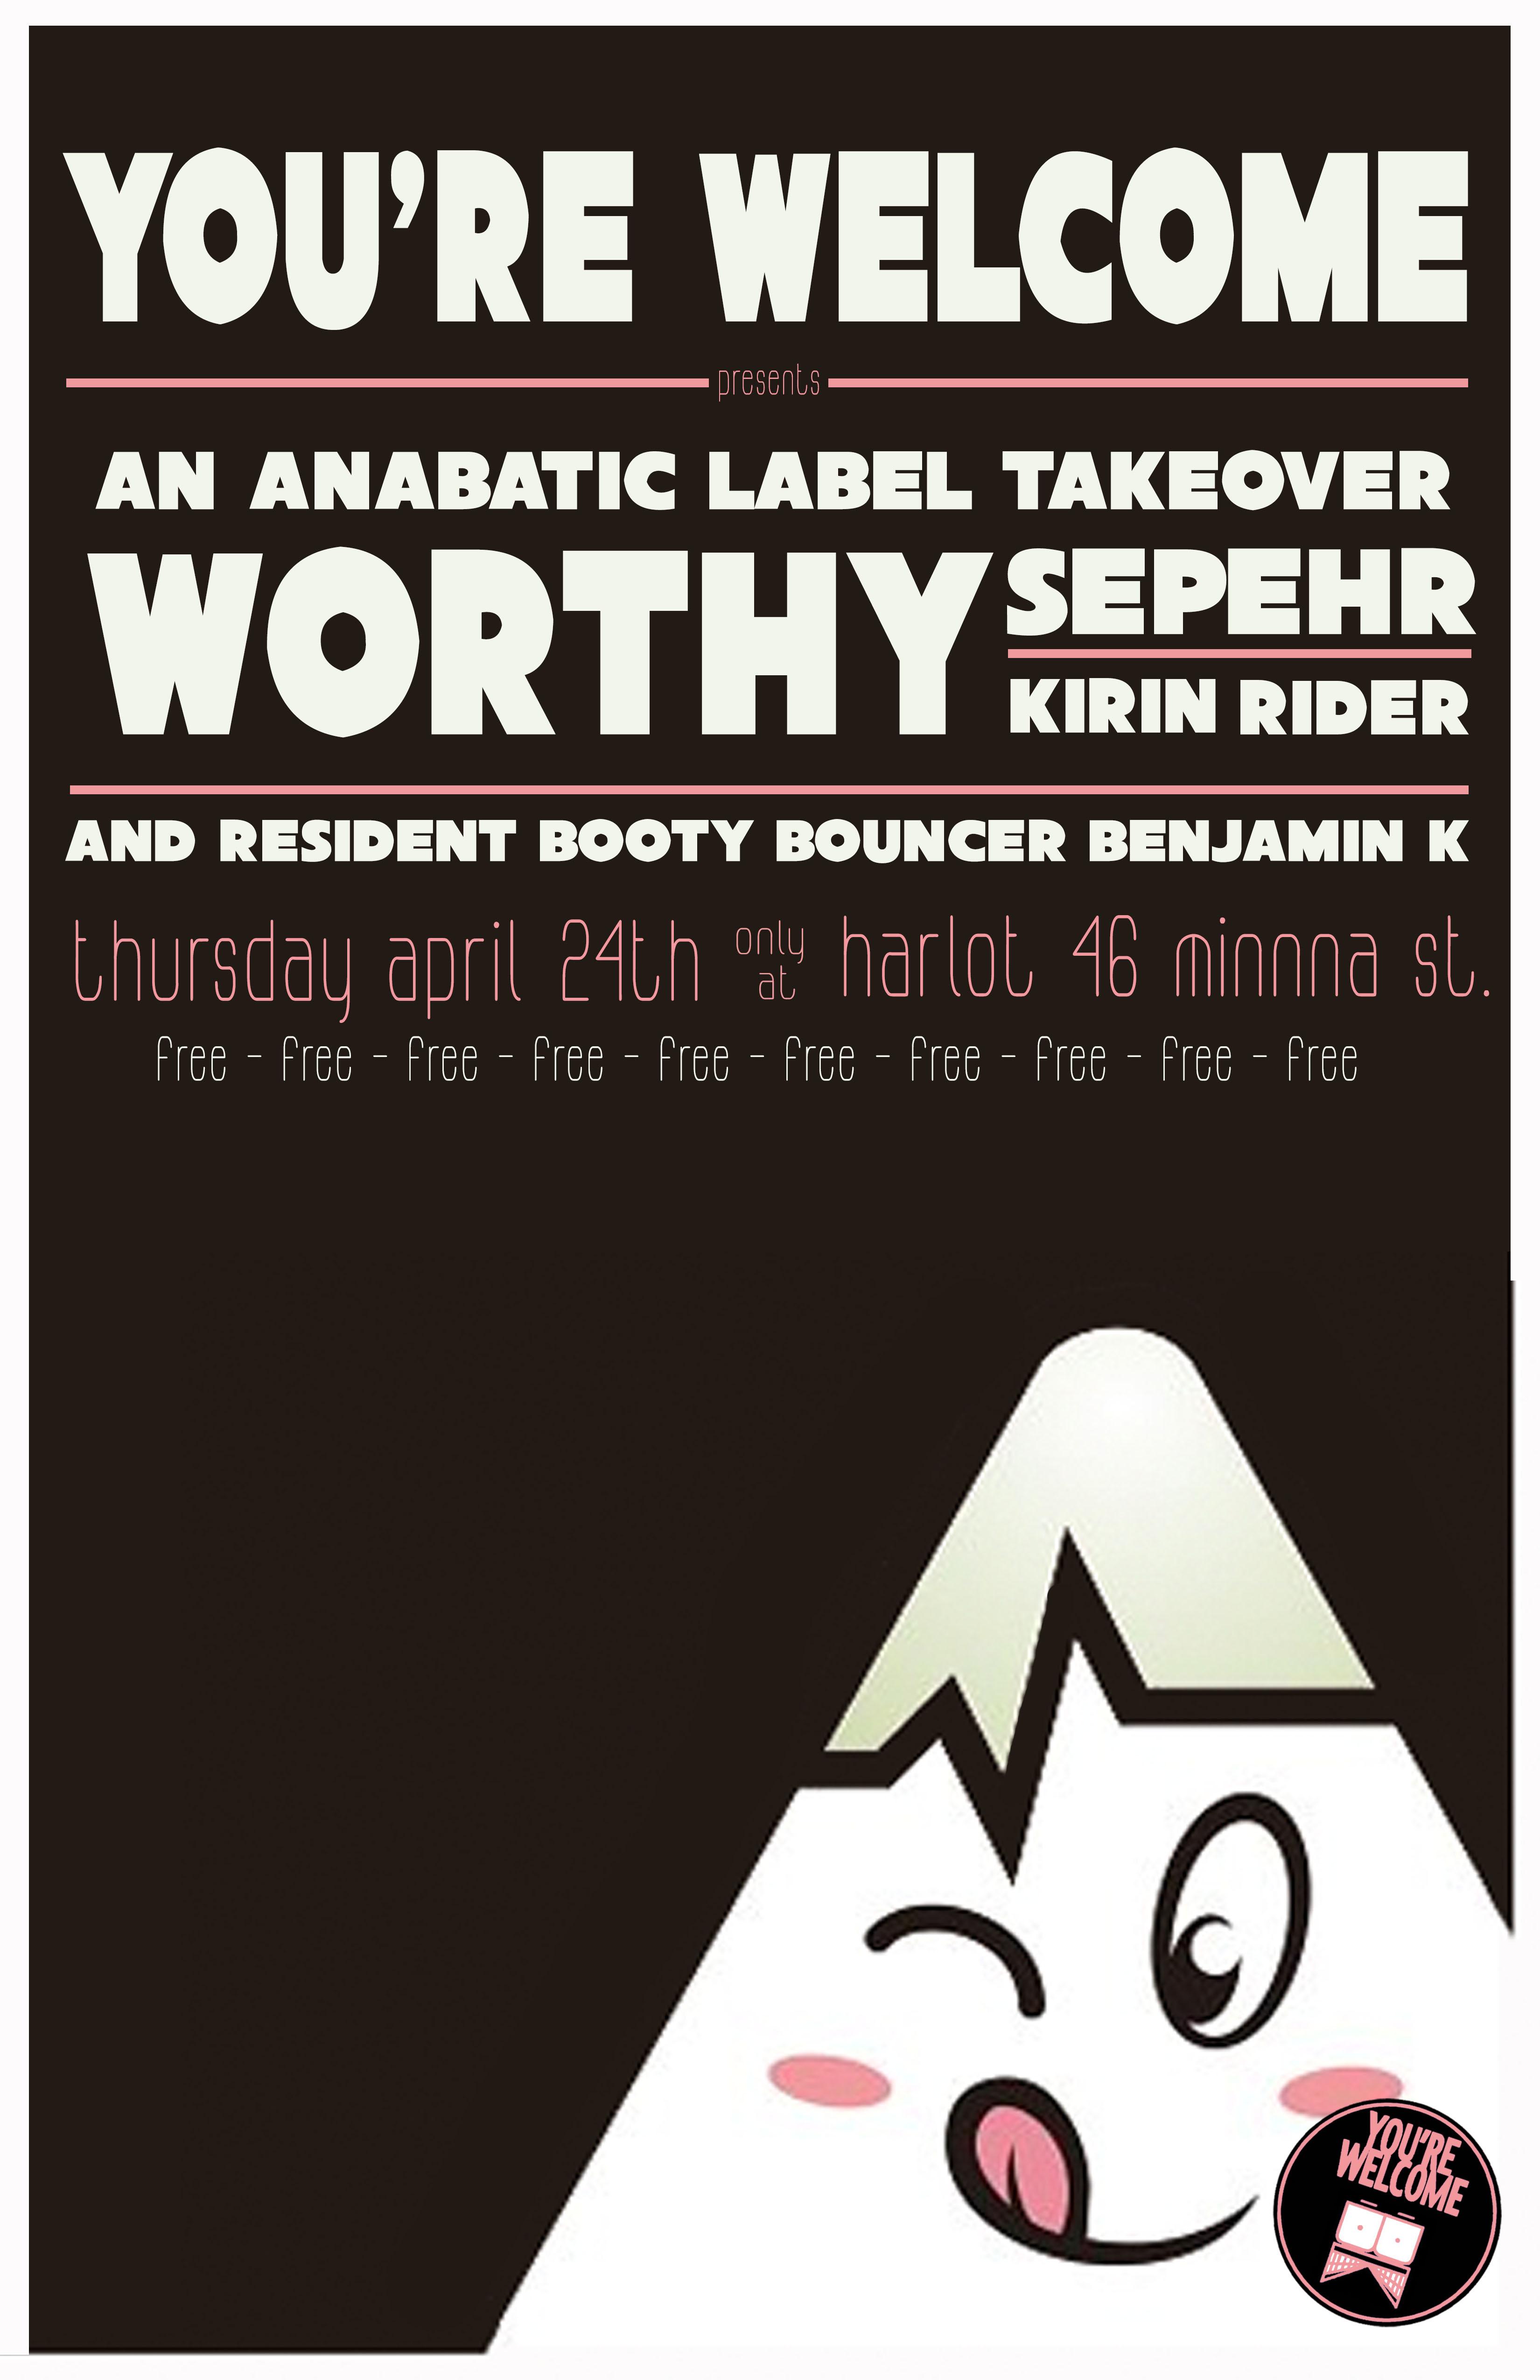 YW-Worthy-Poster